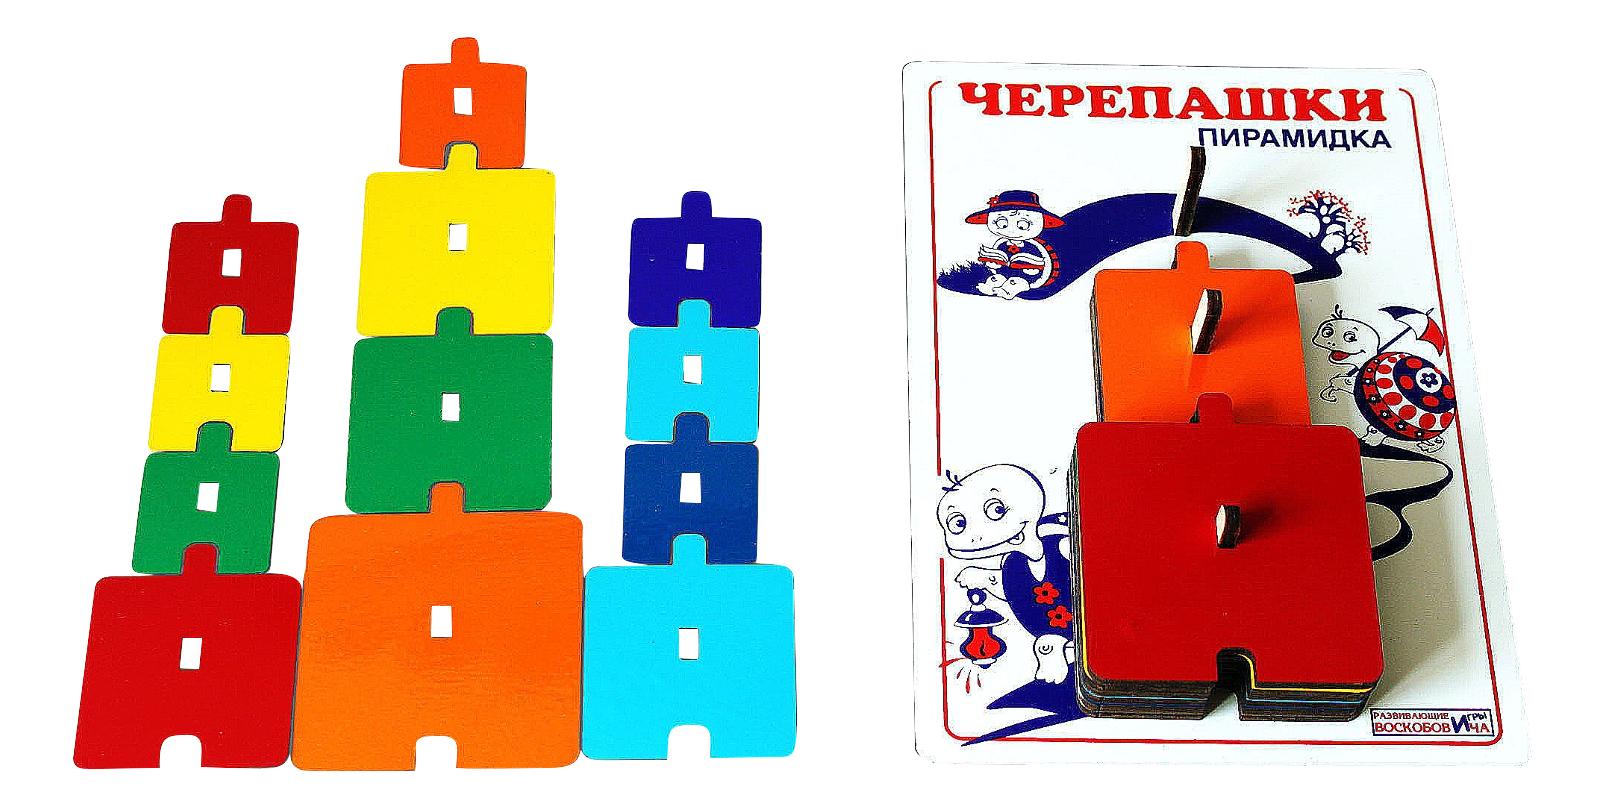 Купить Пирамидка - Черепашки, Пирамидка Развивающие игры Воскобовича Пирамидка - Черепашки, Пирамидки для детей